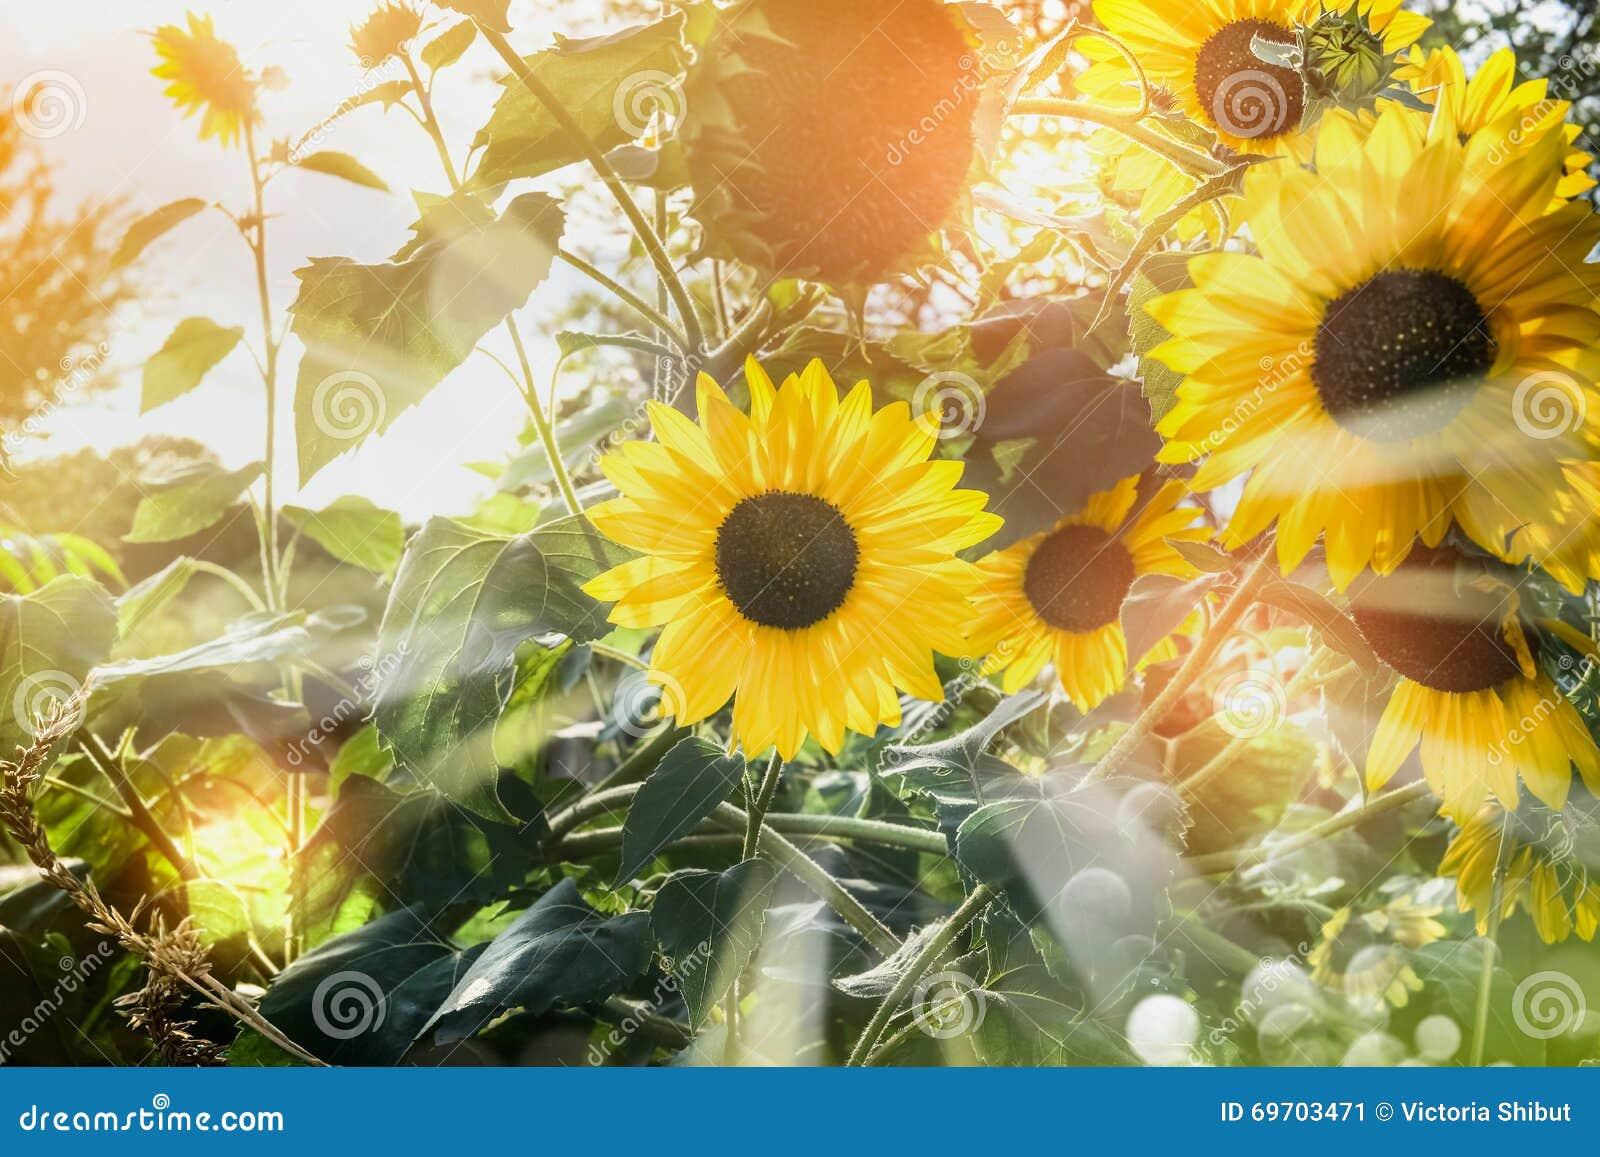 sonnenblumen im garten oder im park mit sonnenschein stockfoto bild 69703471. Black Bedroom Furniture Sets. Home Design Ideas